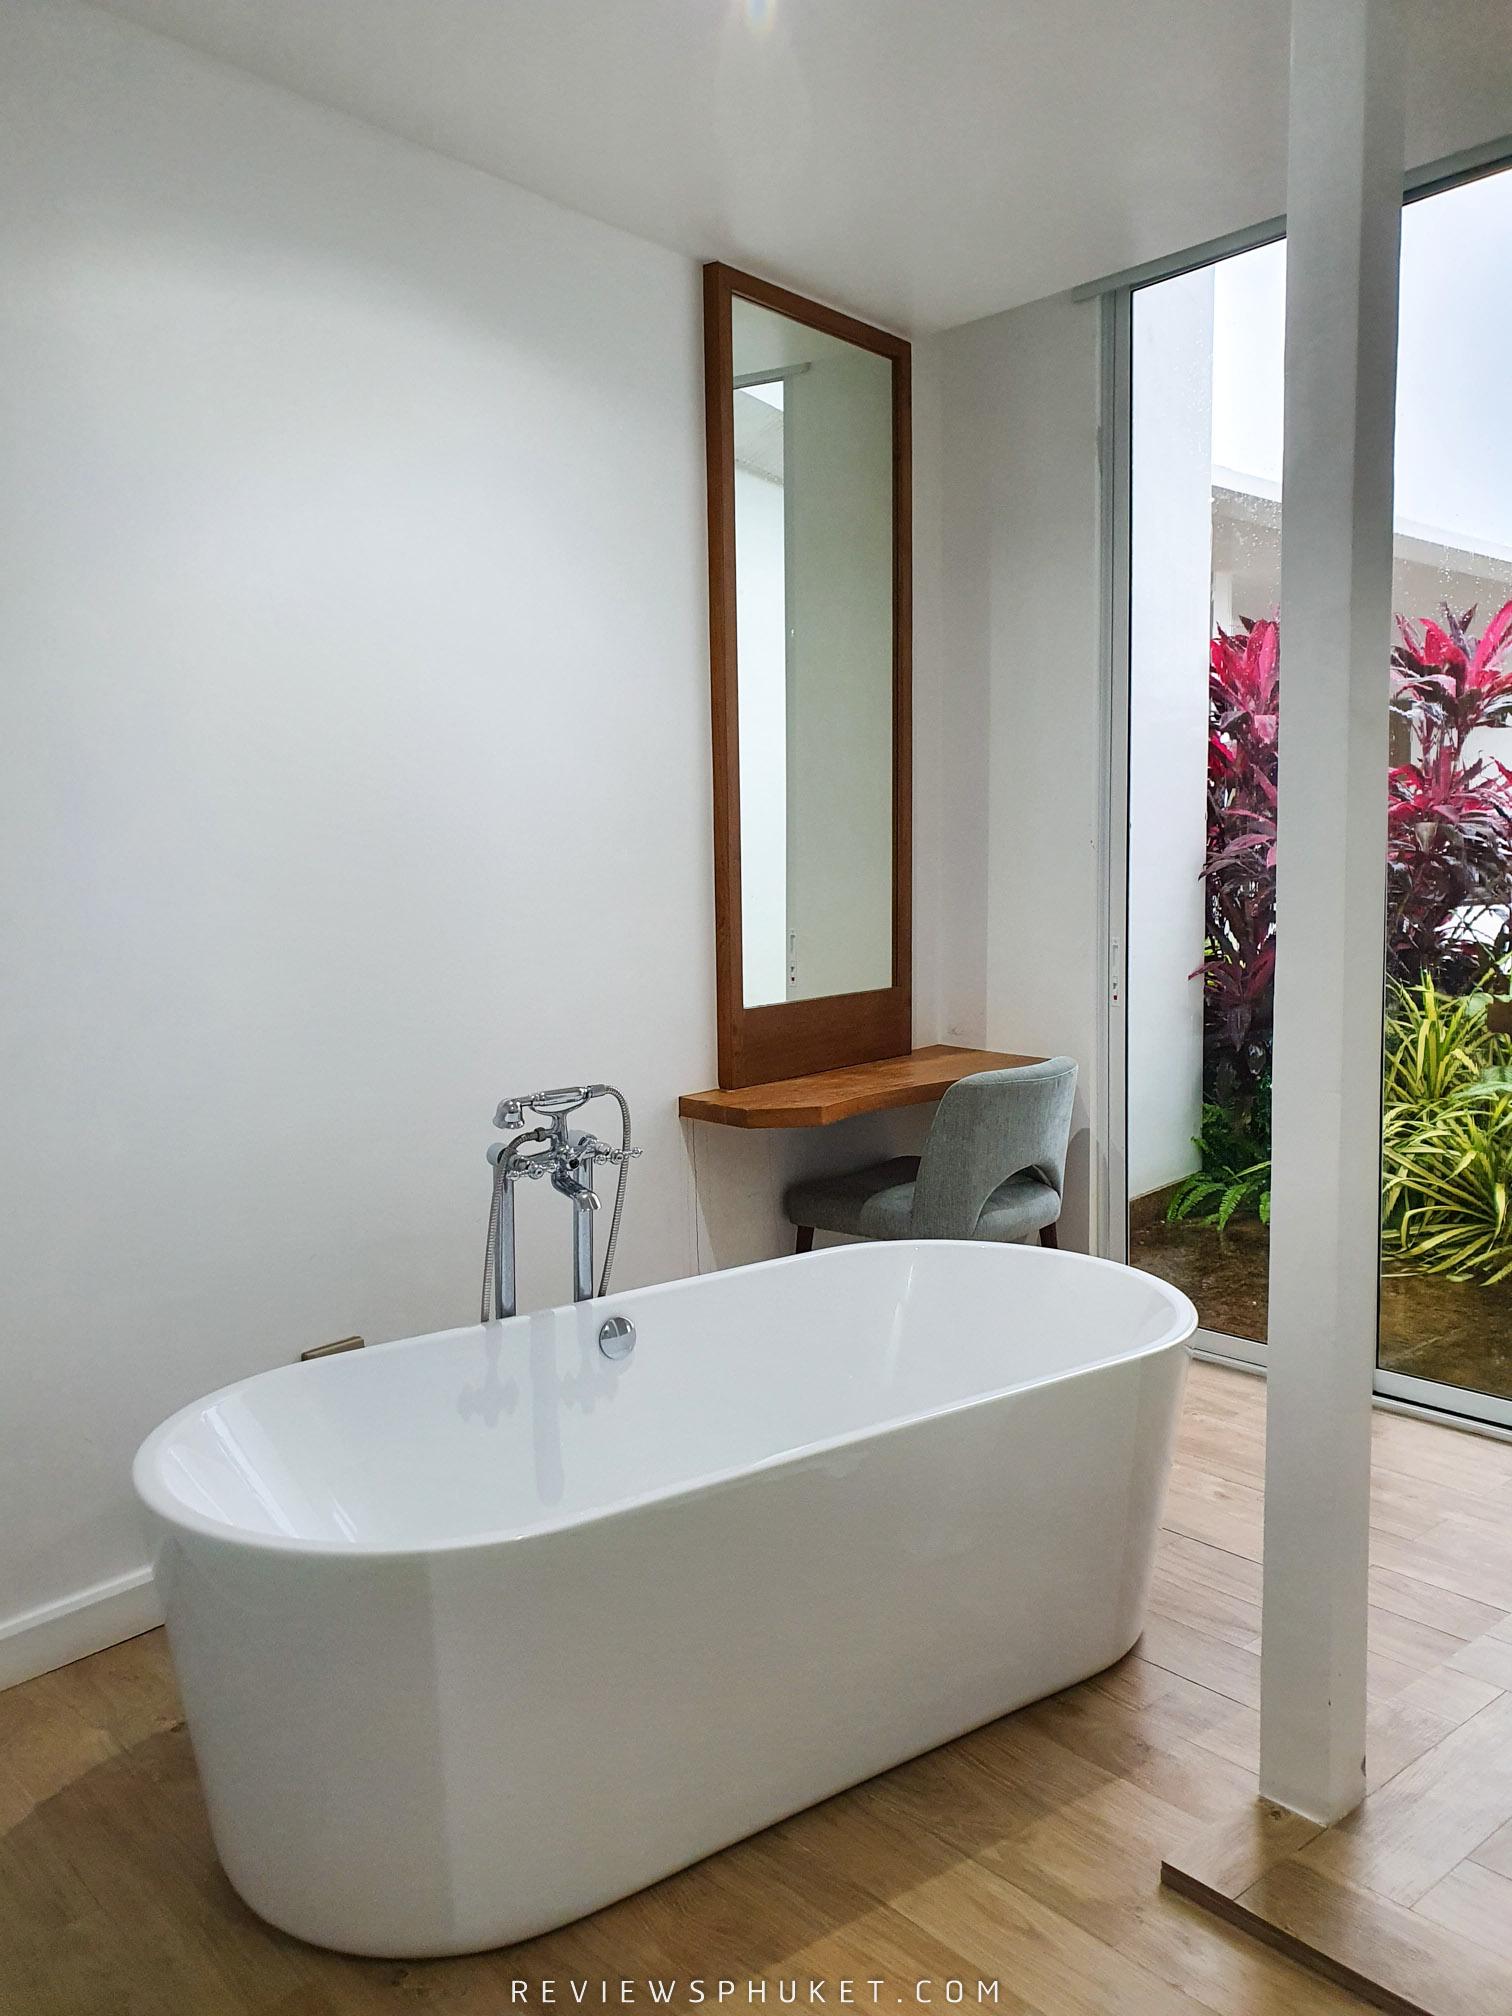 ที่พักสะดวกสบาย อ่างอาบน้ำแบบ-Open-สวยๆฟินๆ ที่พักหรูภูเก็ต,ยามู